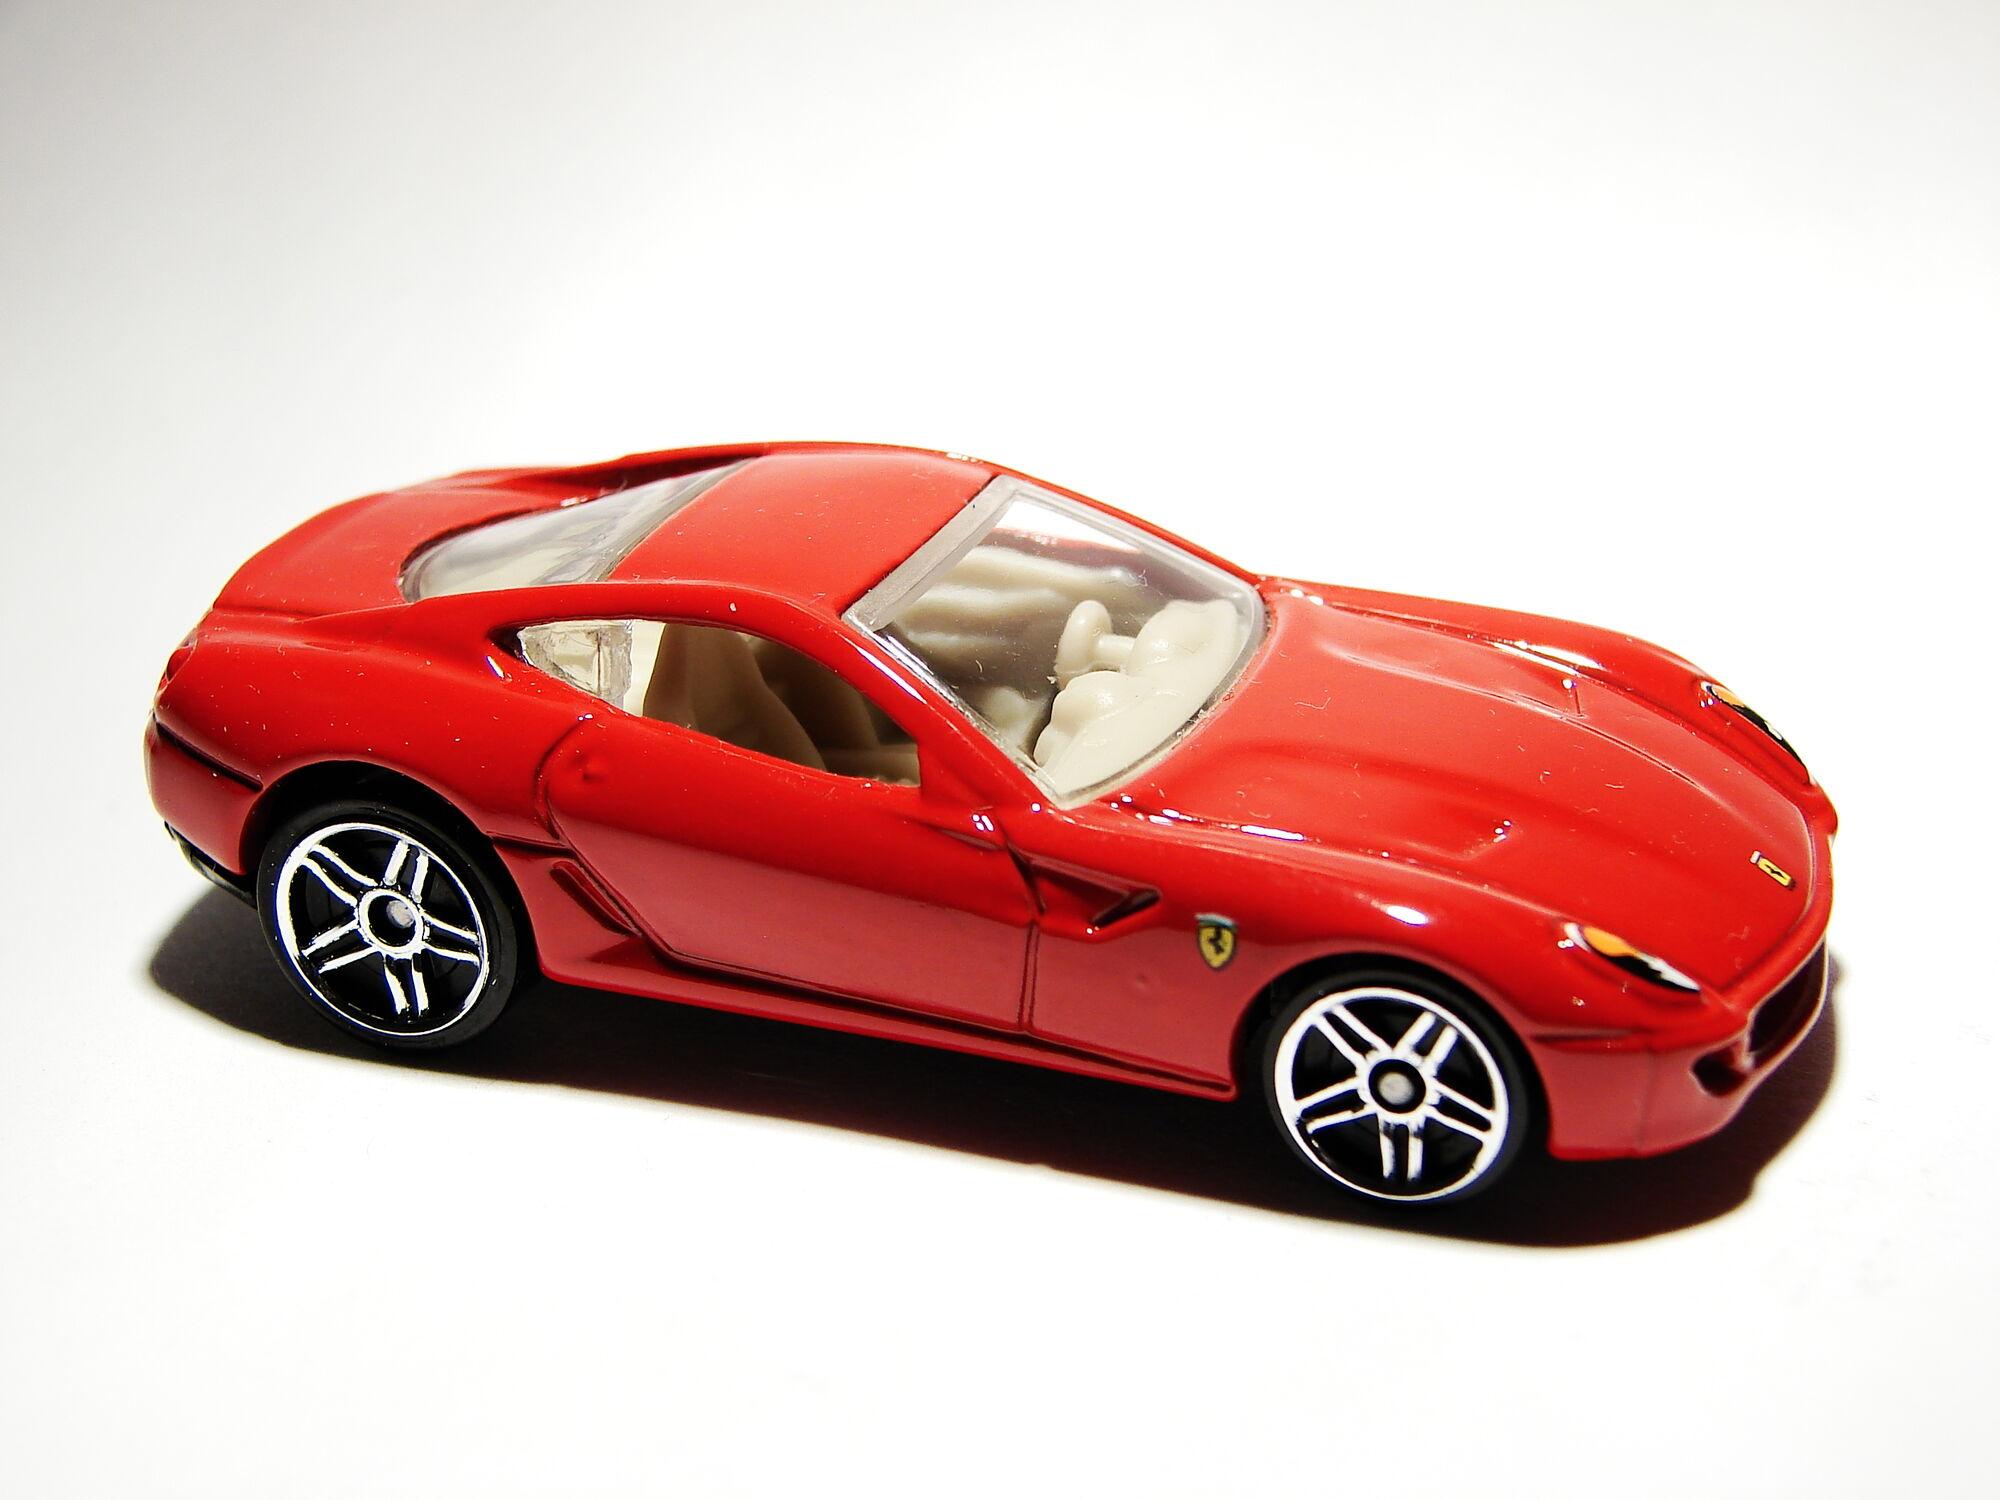 2018 ferrari 599. Exellent Ferrari With 2018 Ferrari 599